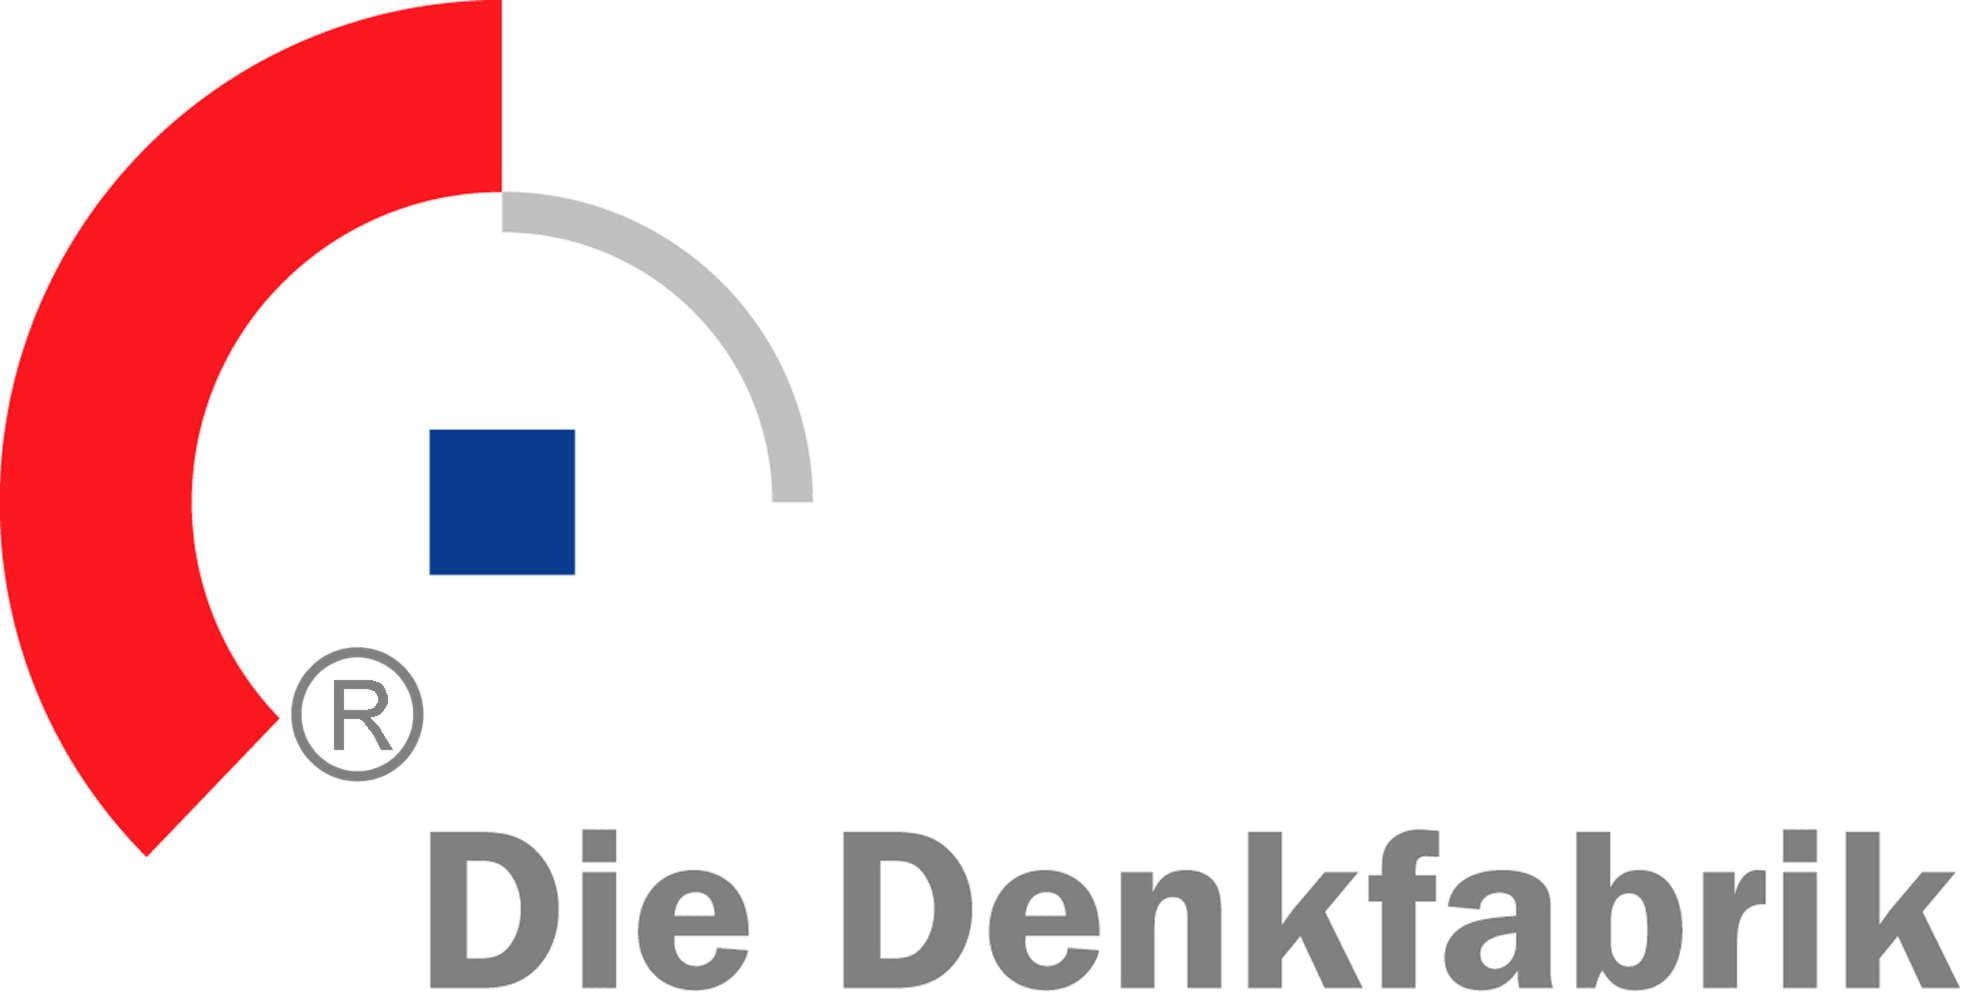 mitglieder-logos/1000000051_DDLOGORGB.jpg